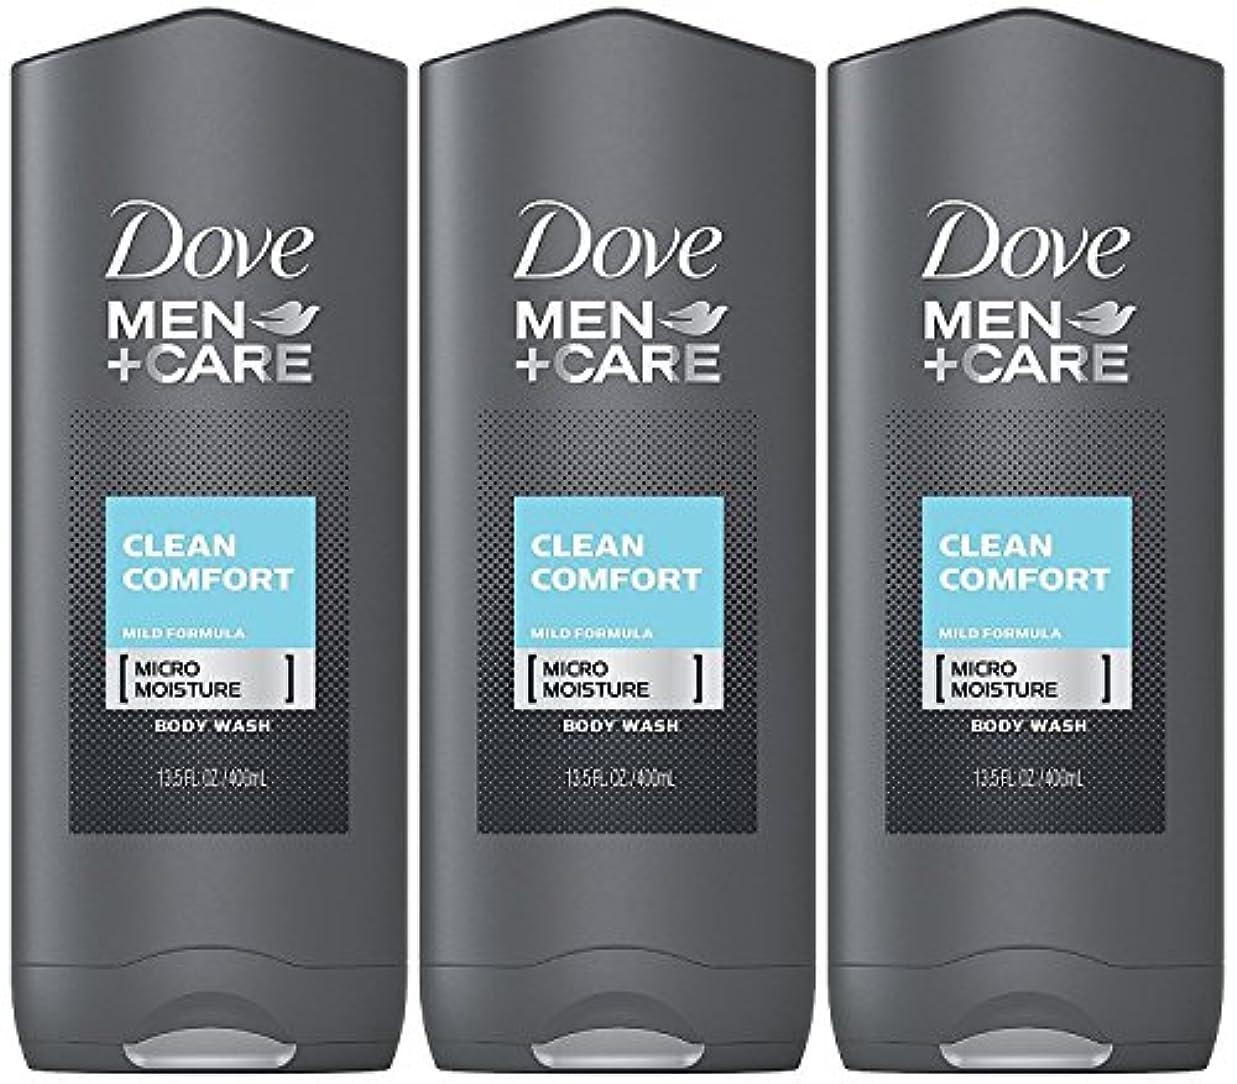 代表食物貢献するDove Men Plus Care Body and Face Wash Clean Comfort , 13.5 Oz by Dove